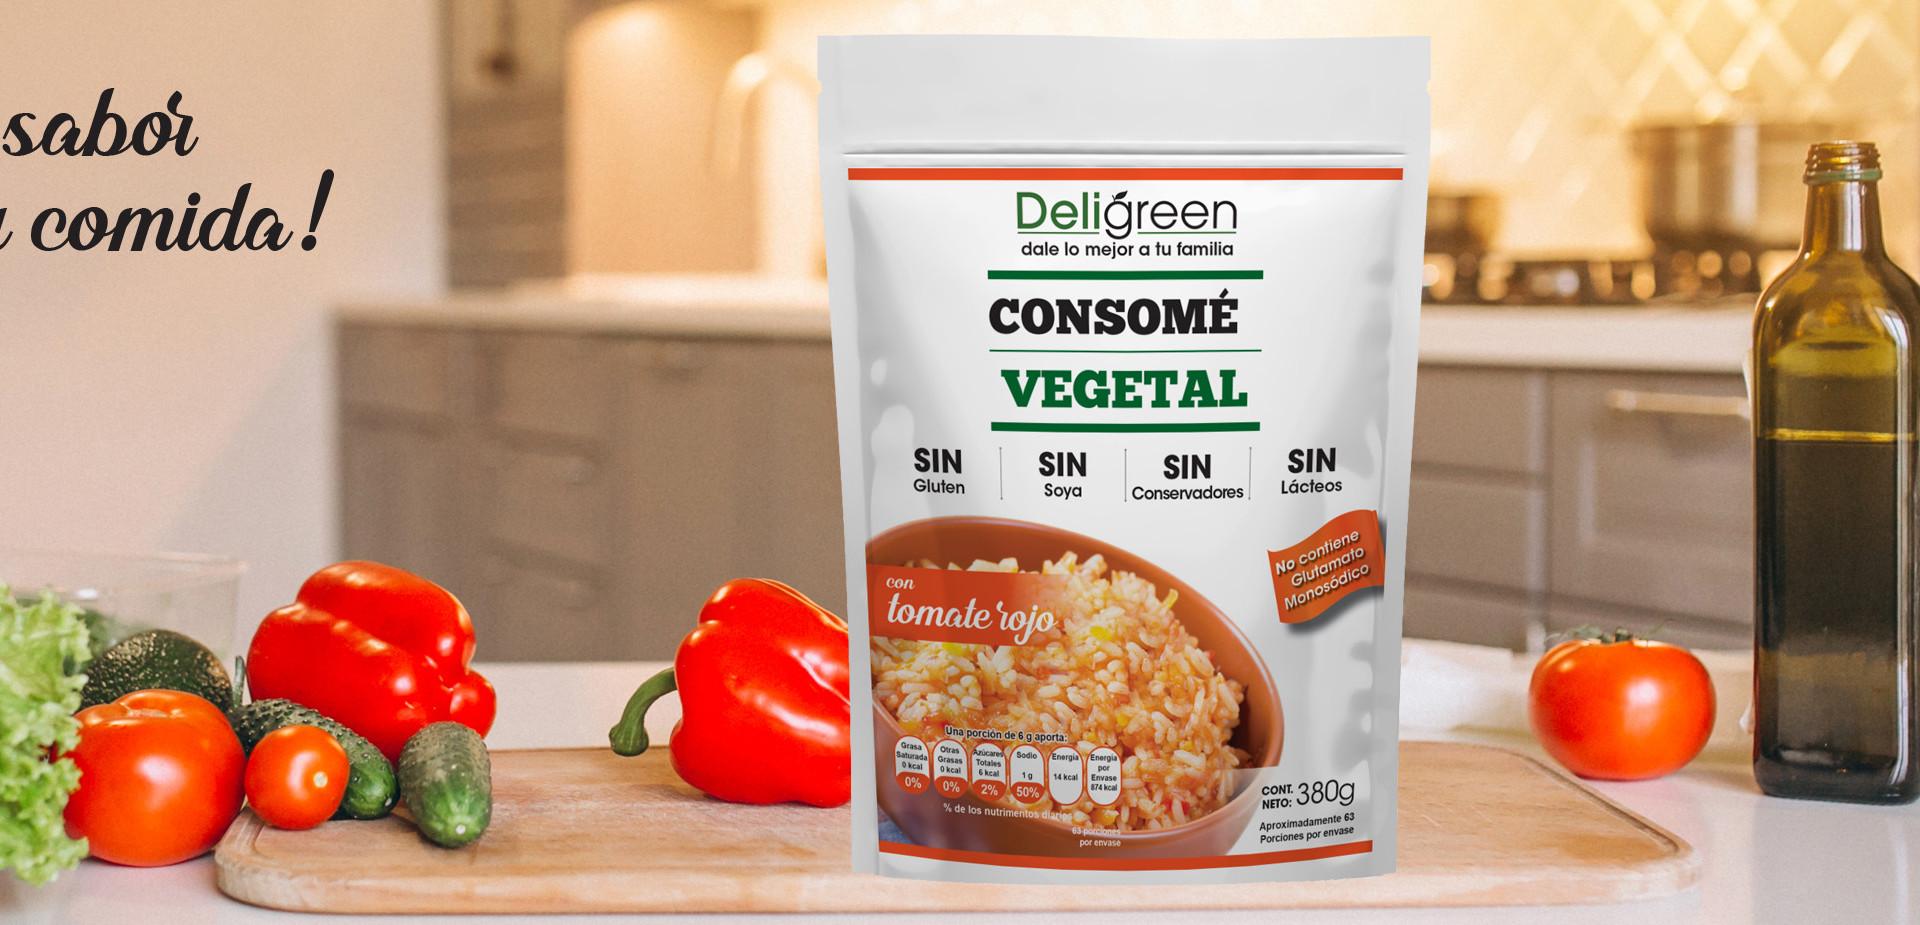 Consomé Vegetal con Tomate